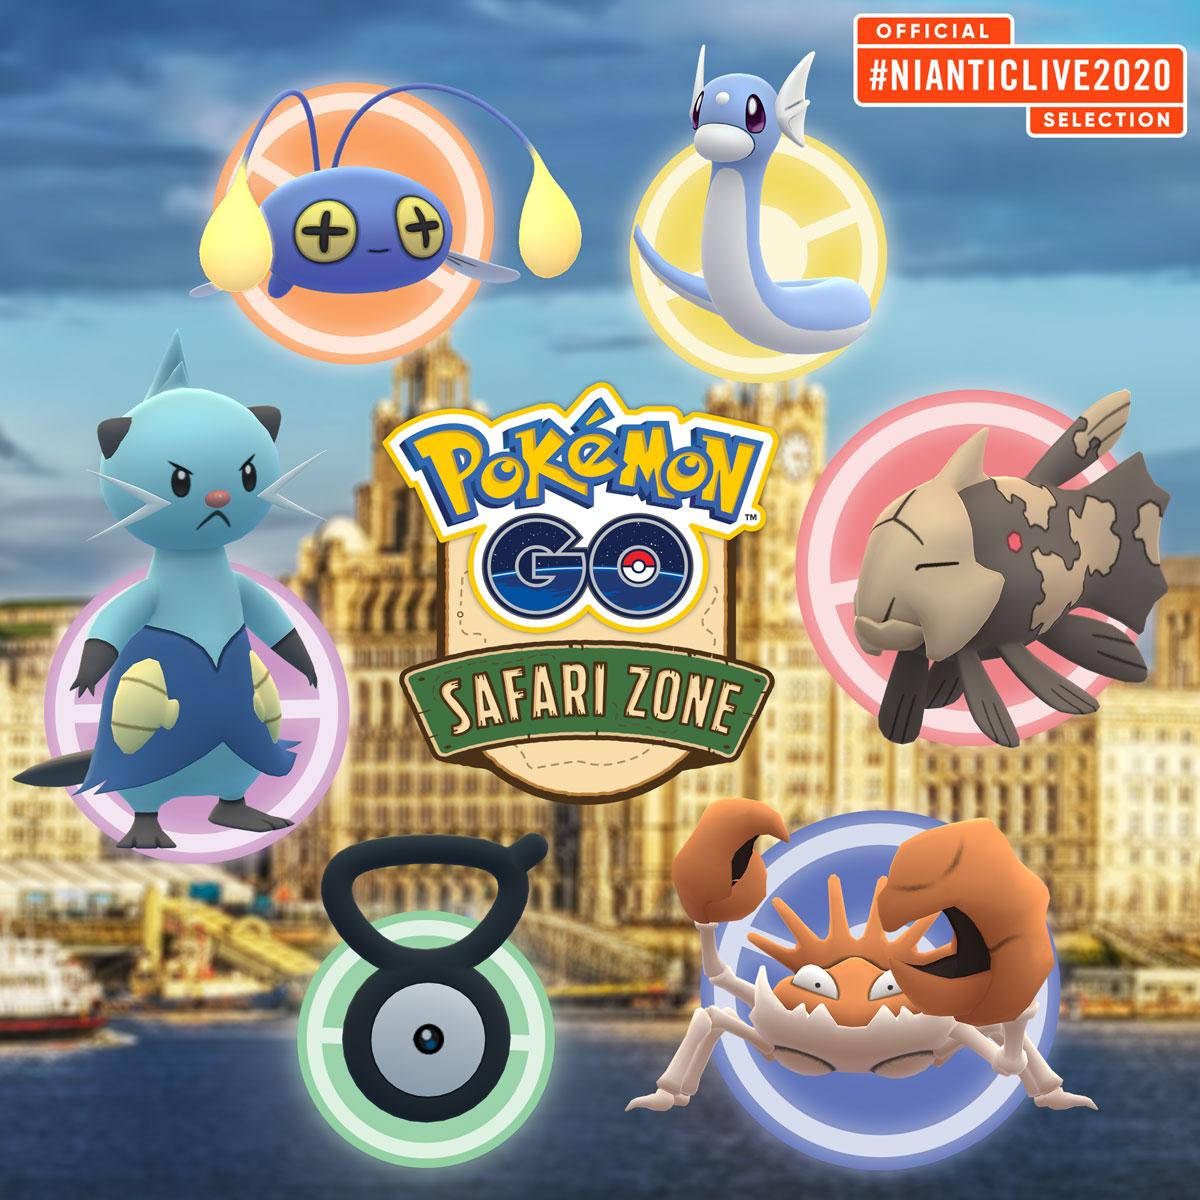 Événement de Pokémon GO Safari Zone (Philadelphia)